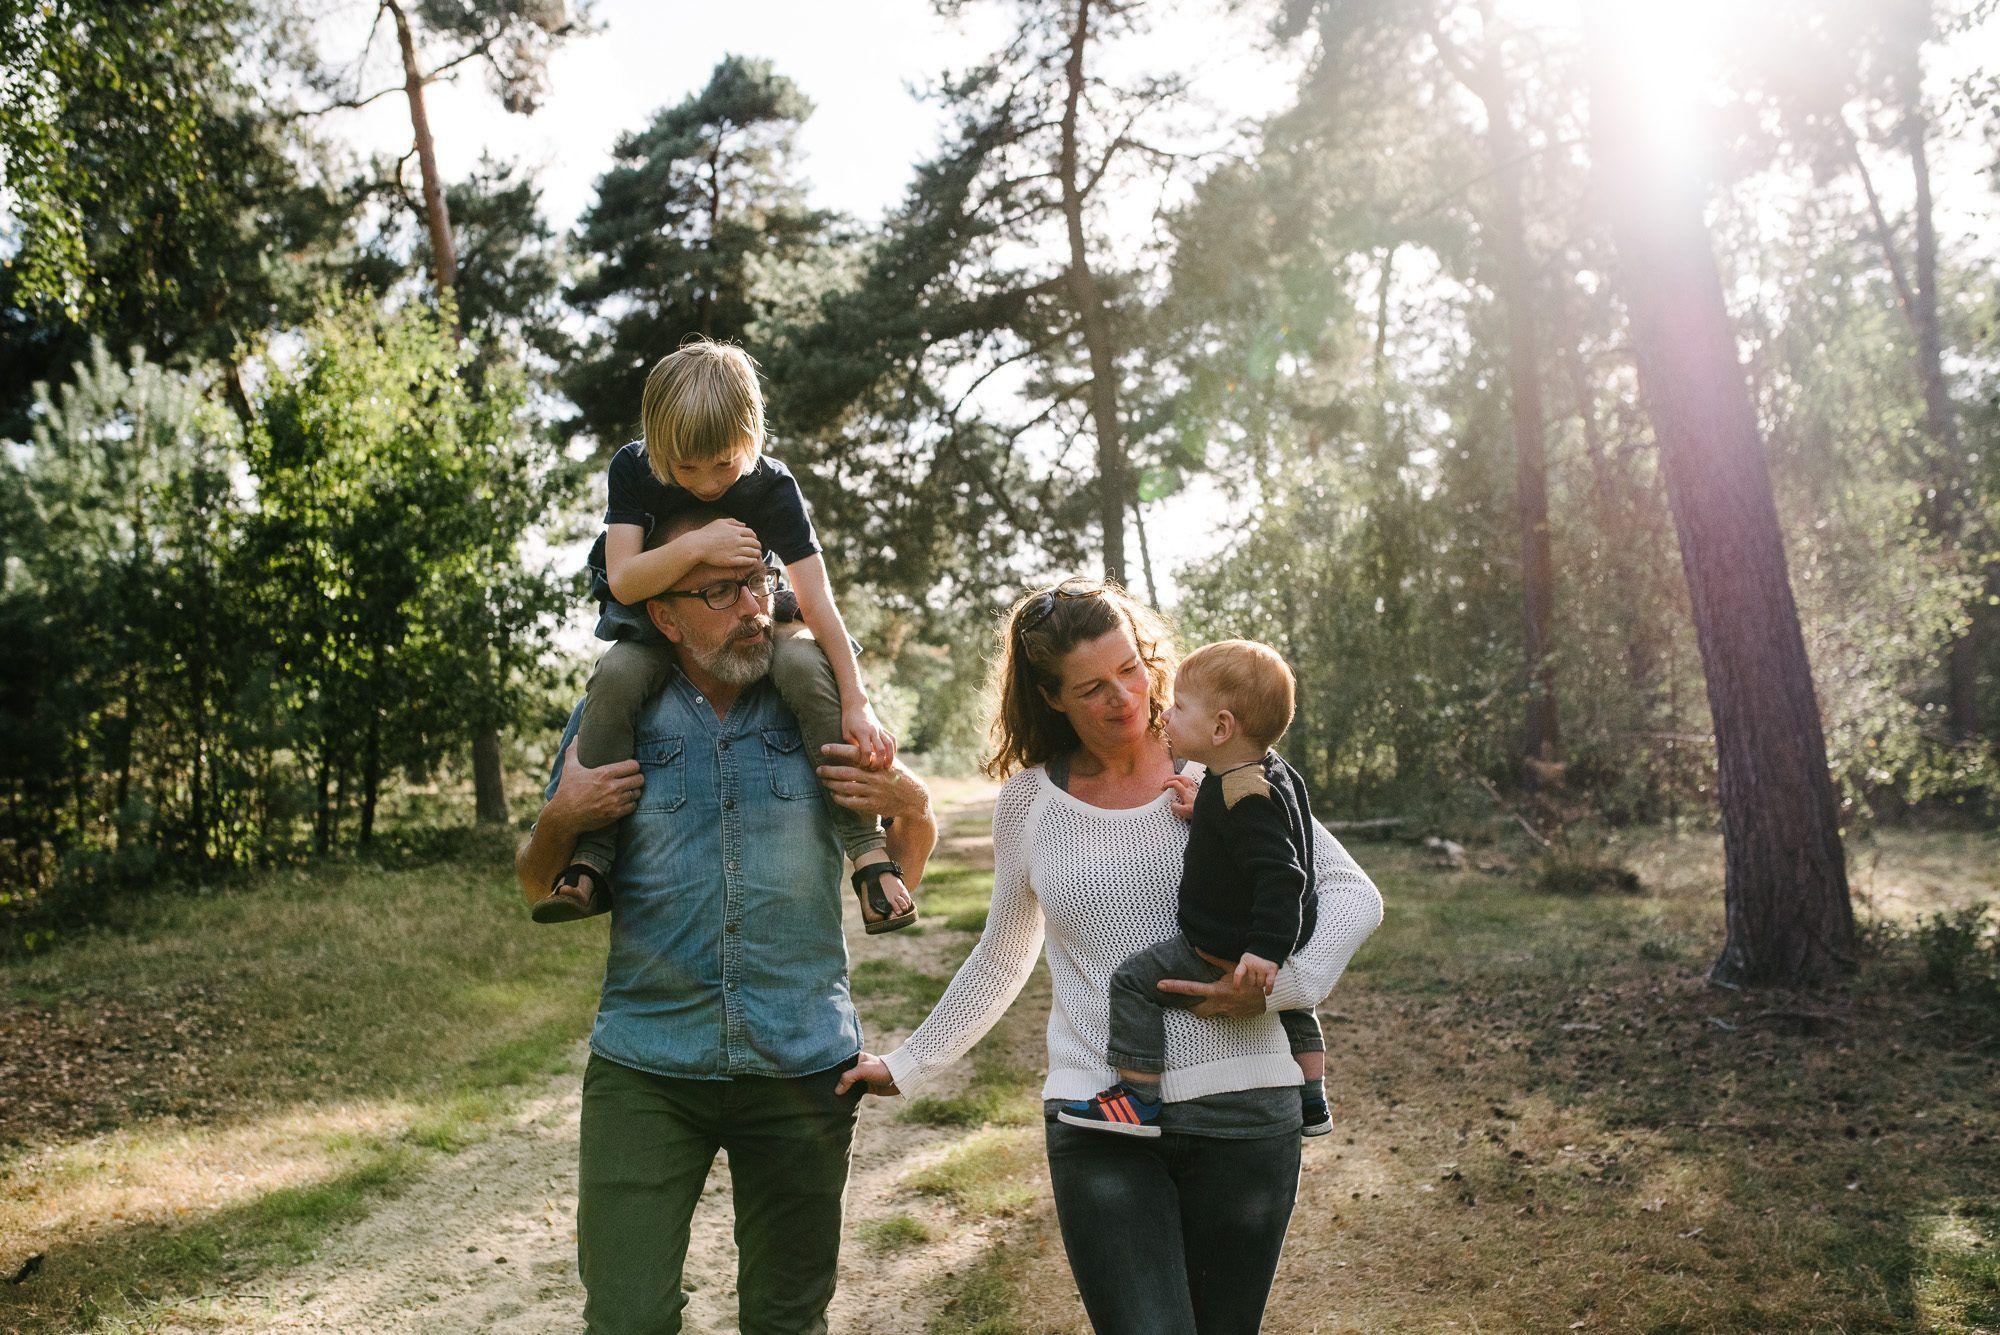 fotograaf gezin outdoor